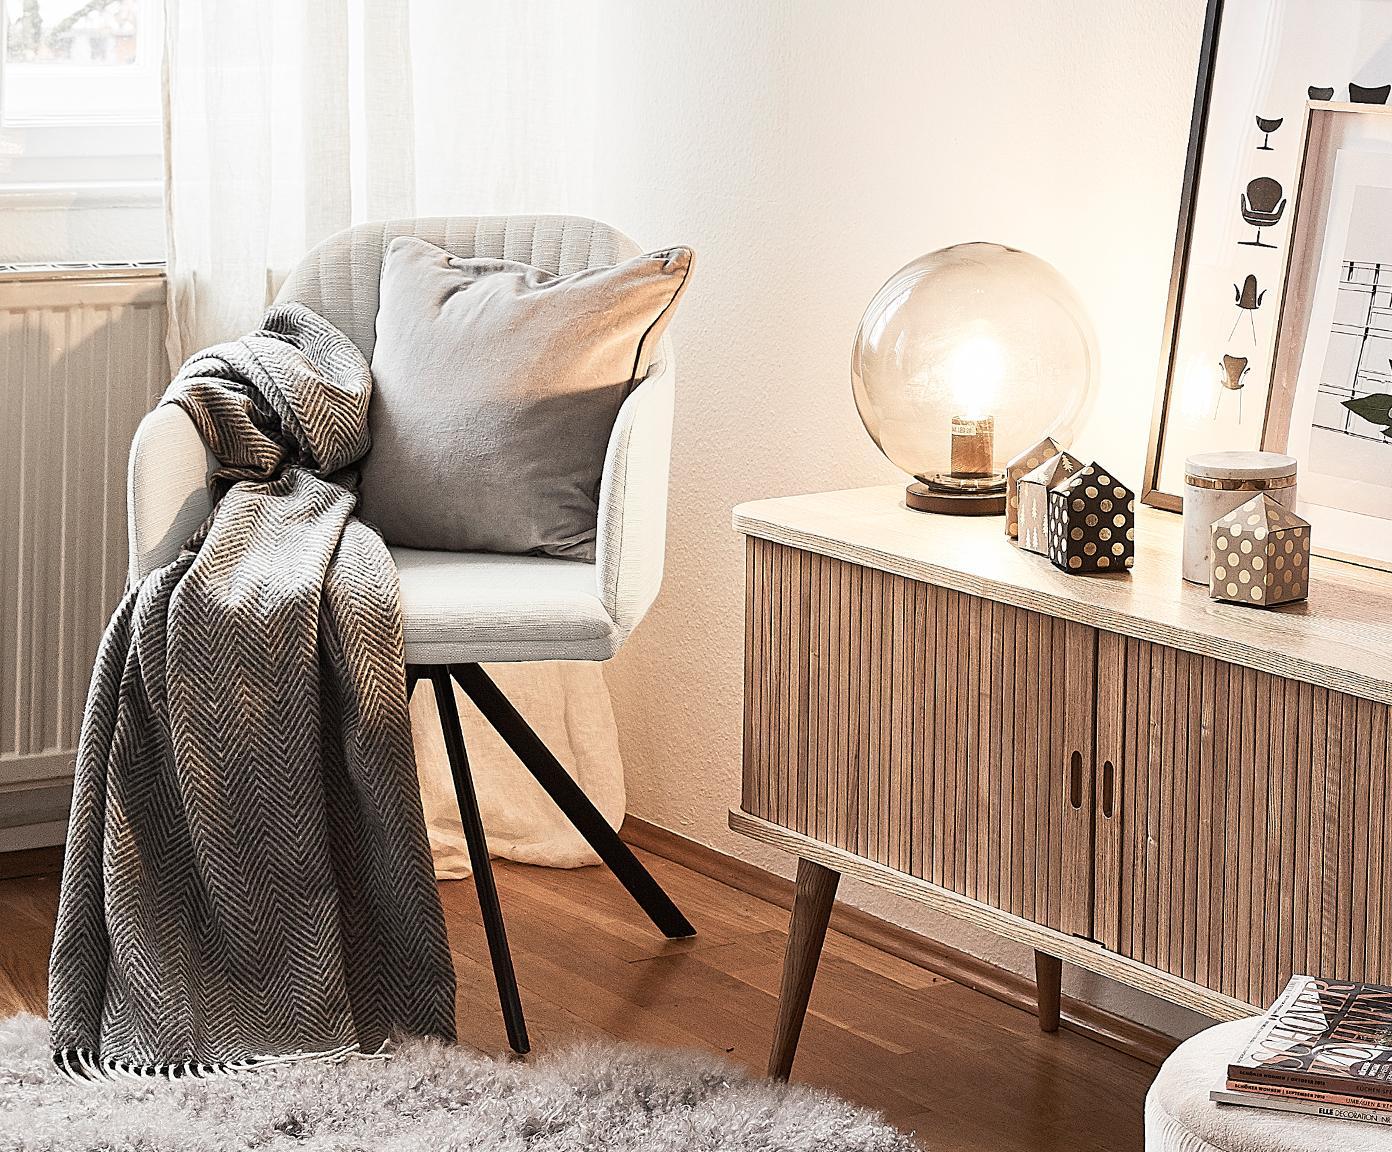 Polster-Drehstuhl Lola mit Armlehne, Bezug: Polyester, Füße: Metall, pulverbeschichtet, Webstoff Cremeweiß, B 55 x T 52 cm